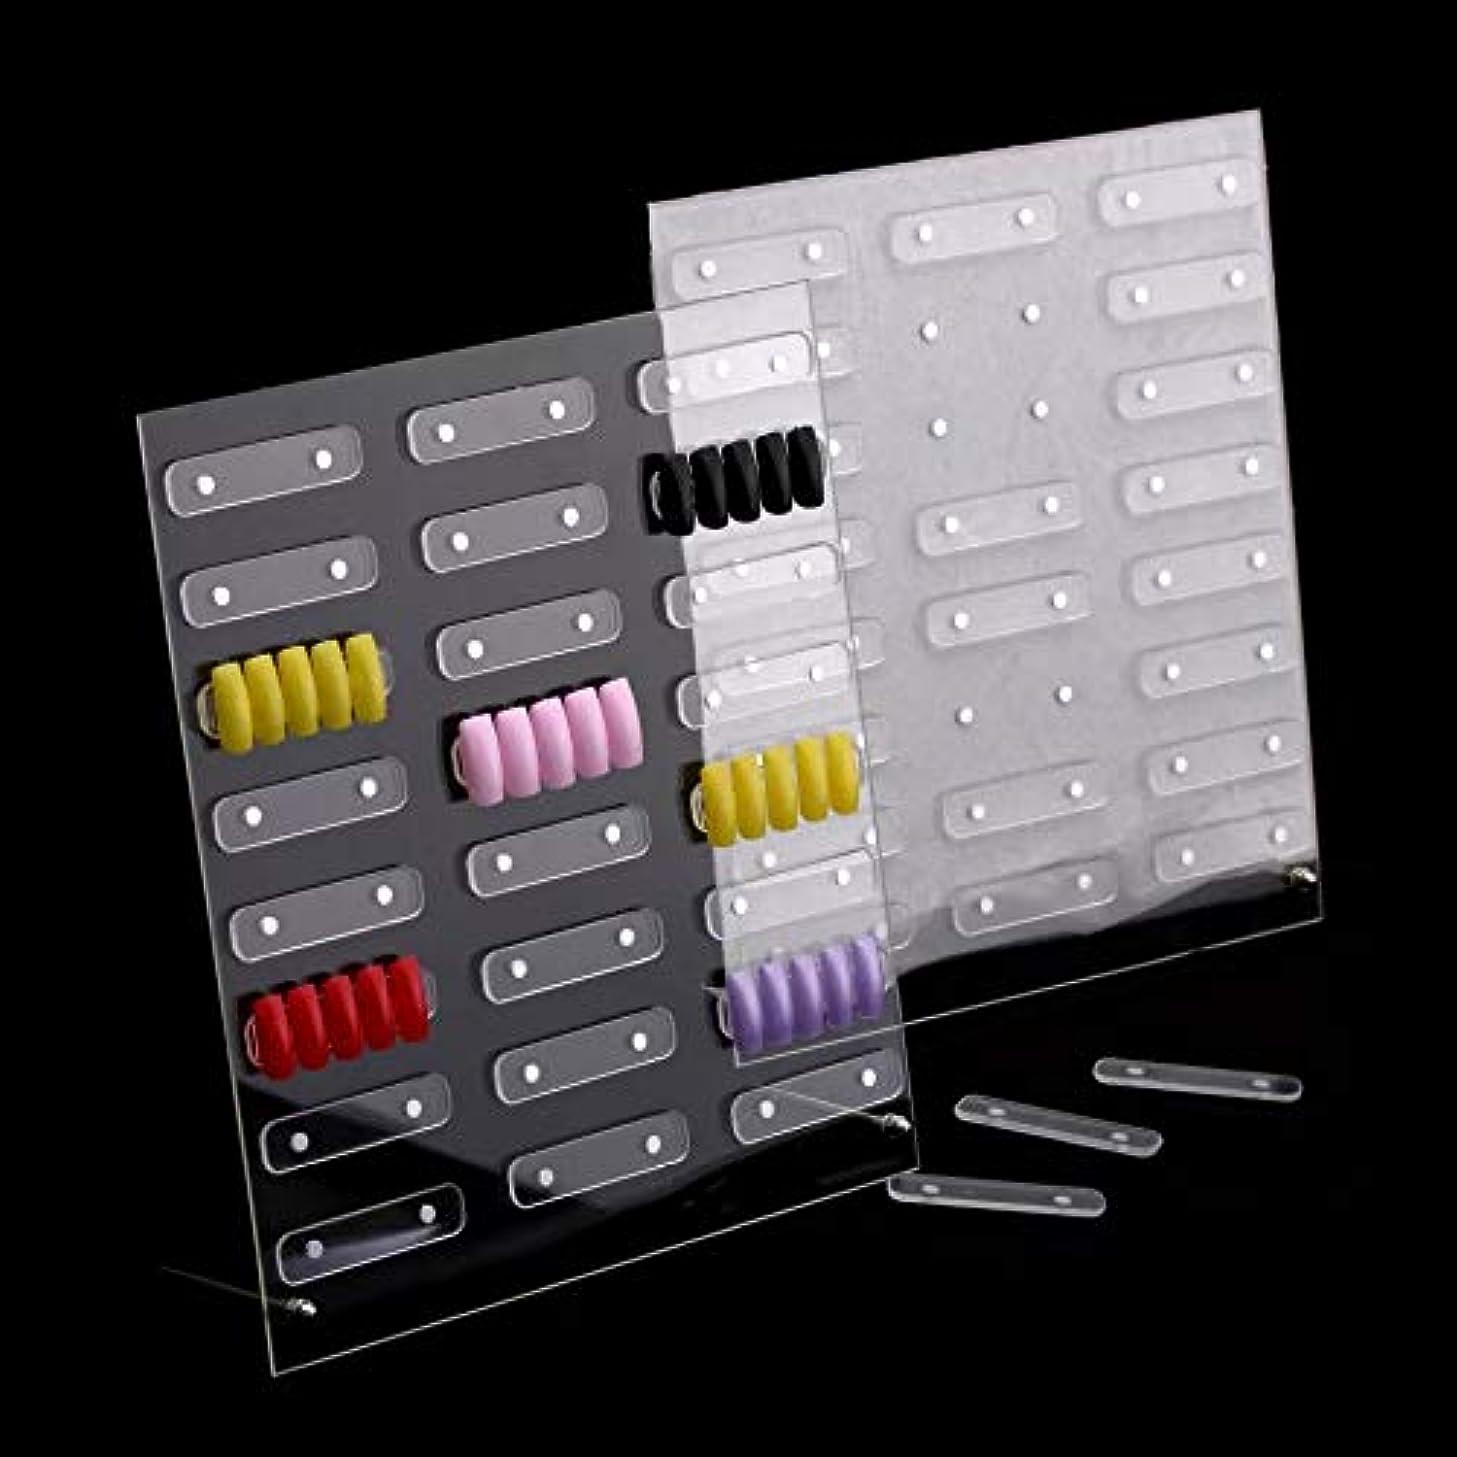 からかう先史時代のガード磁石付きネイルサンプルディスプレイボード展示板 大容量24セット設置可能 見本ボード サンプルチップ貼り付け板 入れ替え取り外し簡単ラクラク! (大 (32ピース))